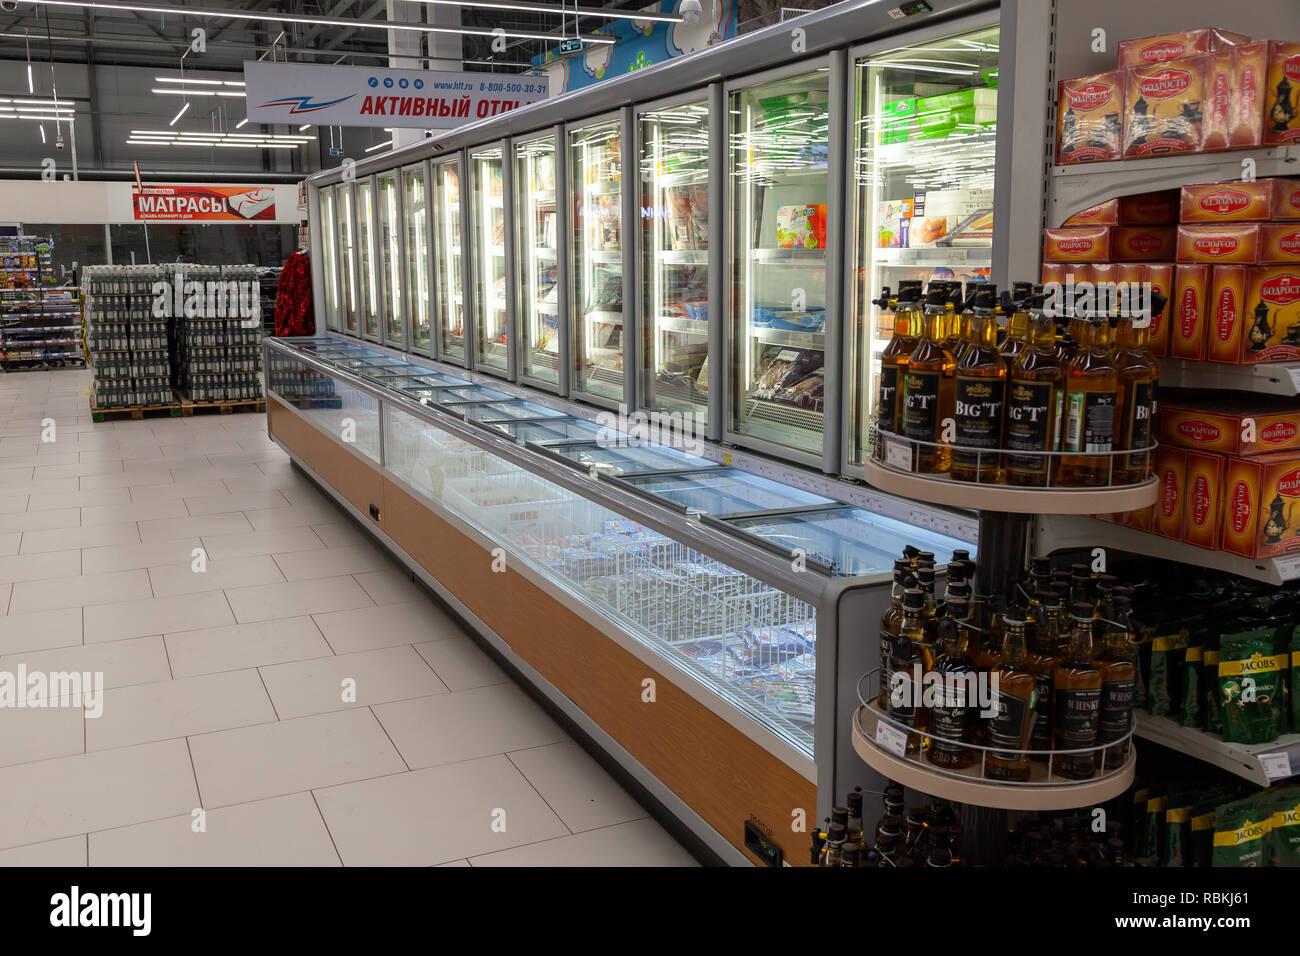 Kühlschrank Vitrine : Nowosibirsk russland supermarkt vitrinen mit